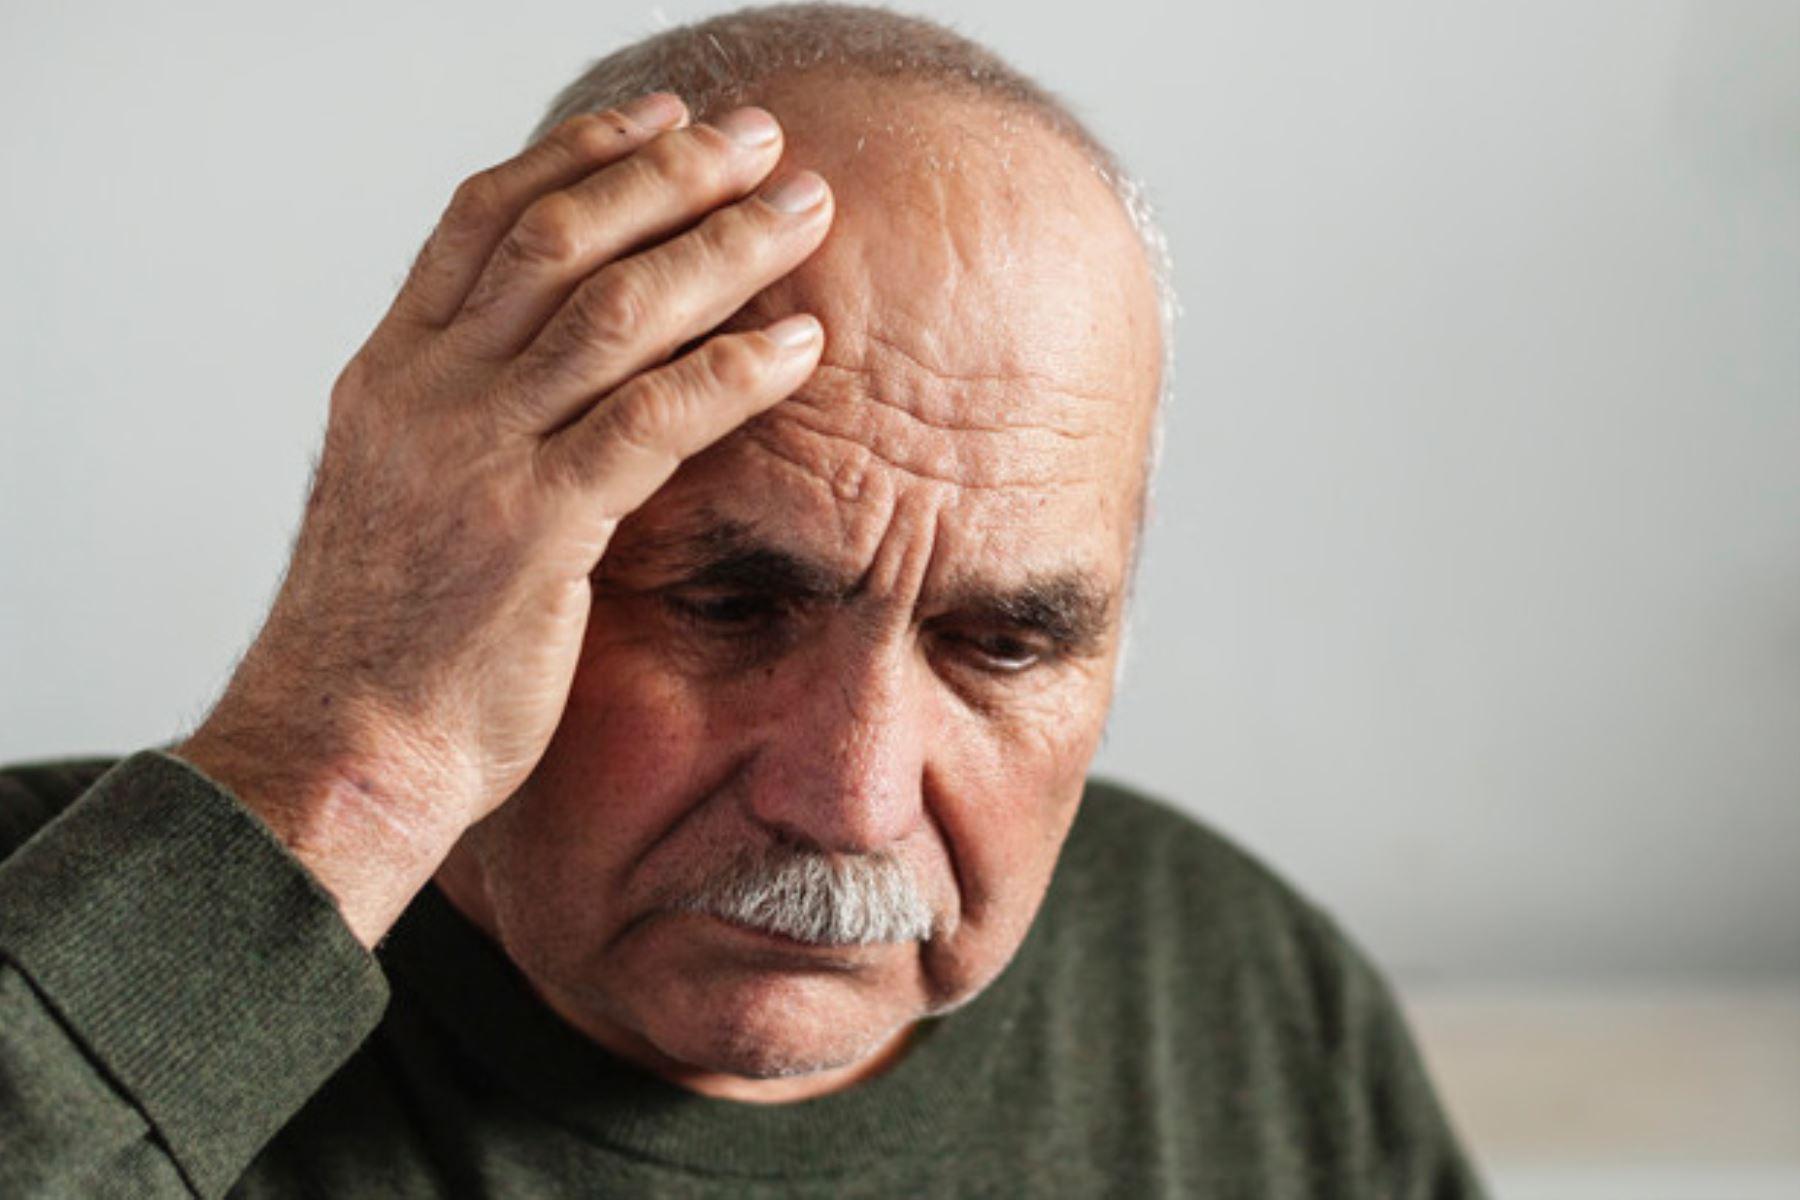 En el Día Mundial del Alzheimer: cinco recomendaciones para cuidar a quienes lo padecen | Noticias